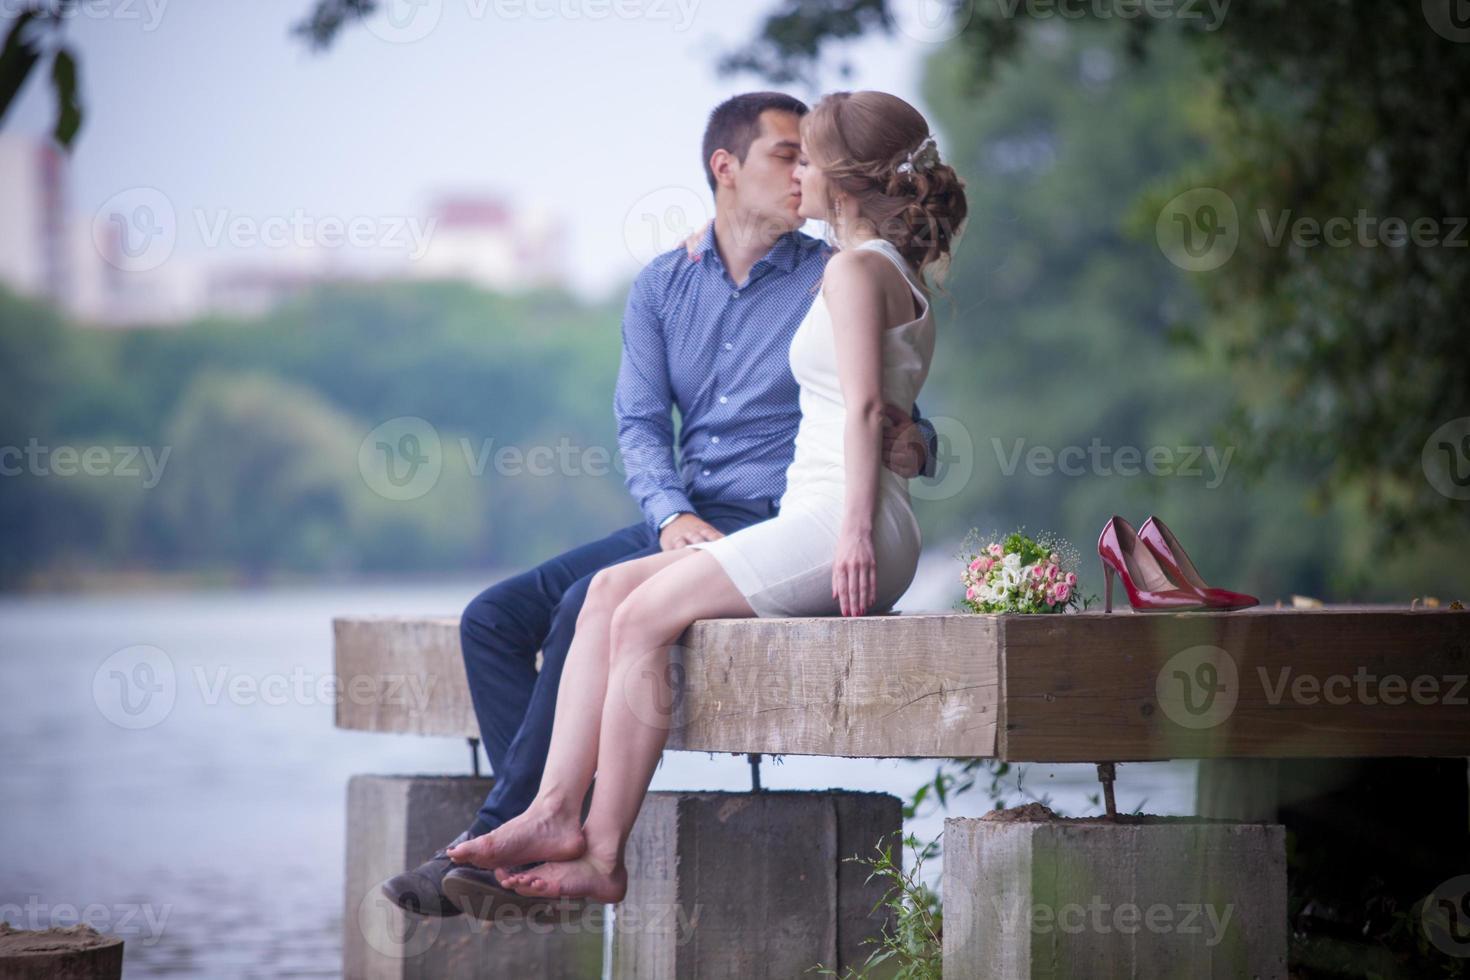 liefdesverhaal foto